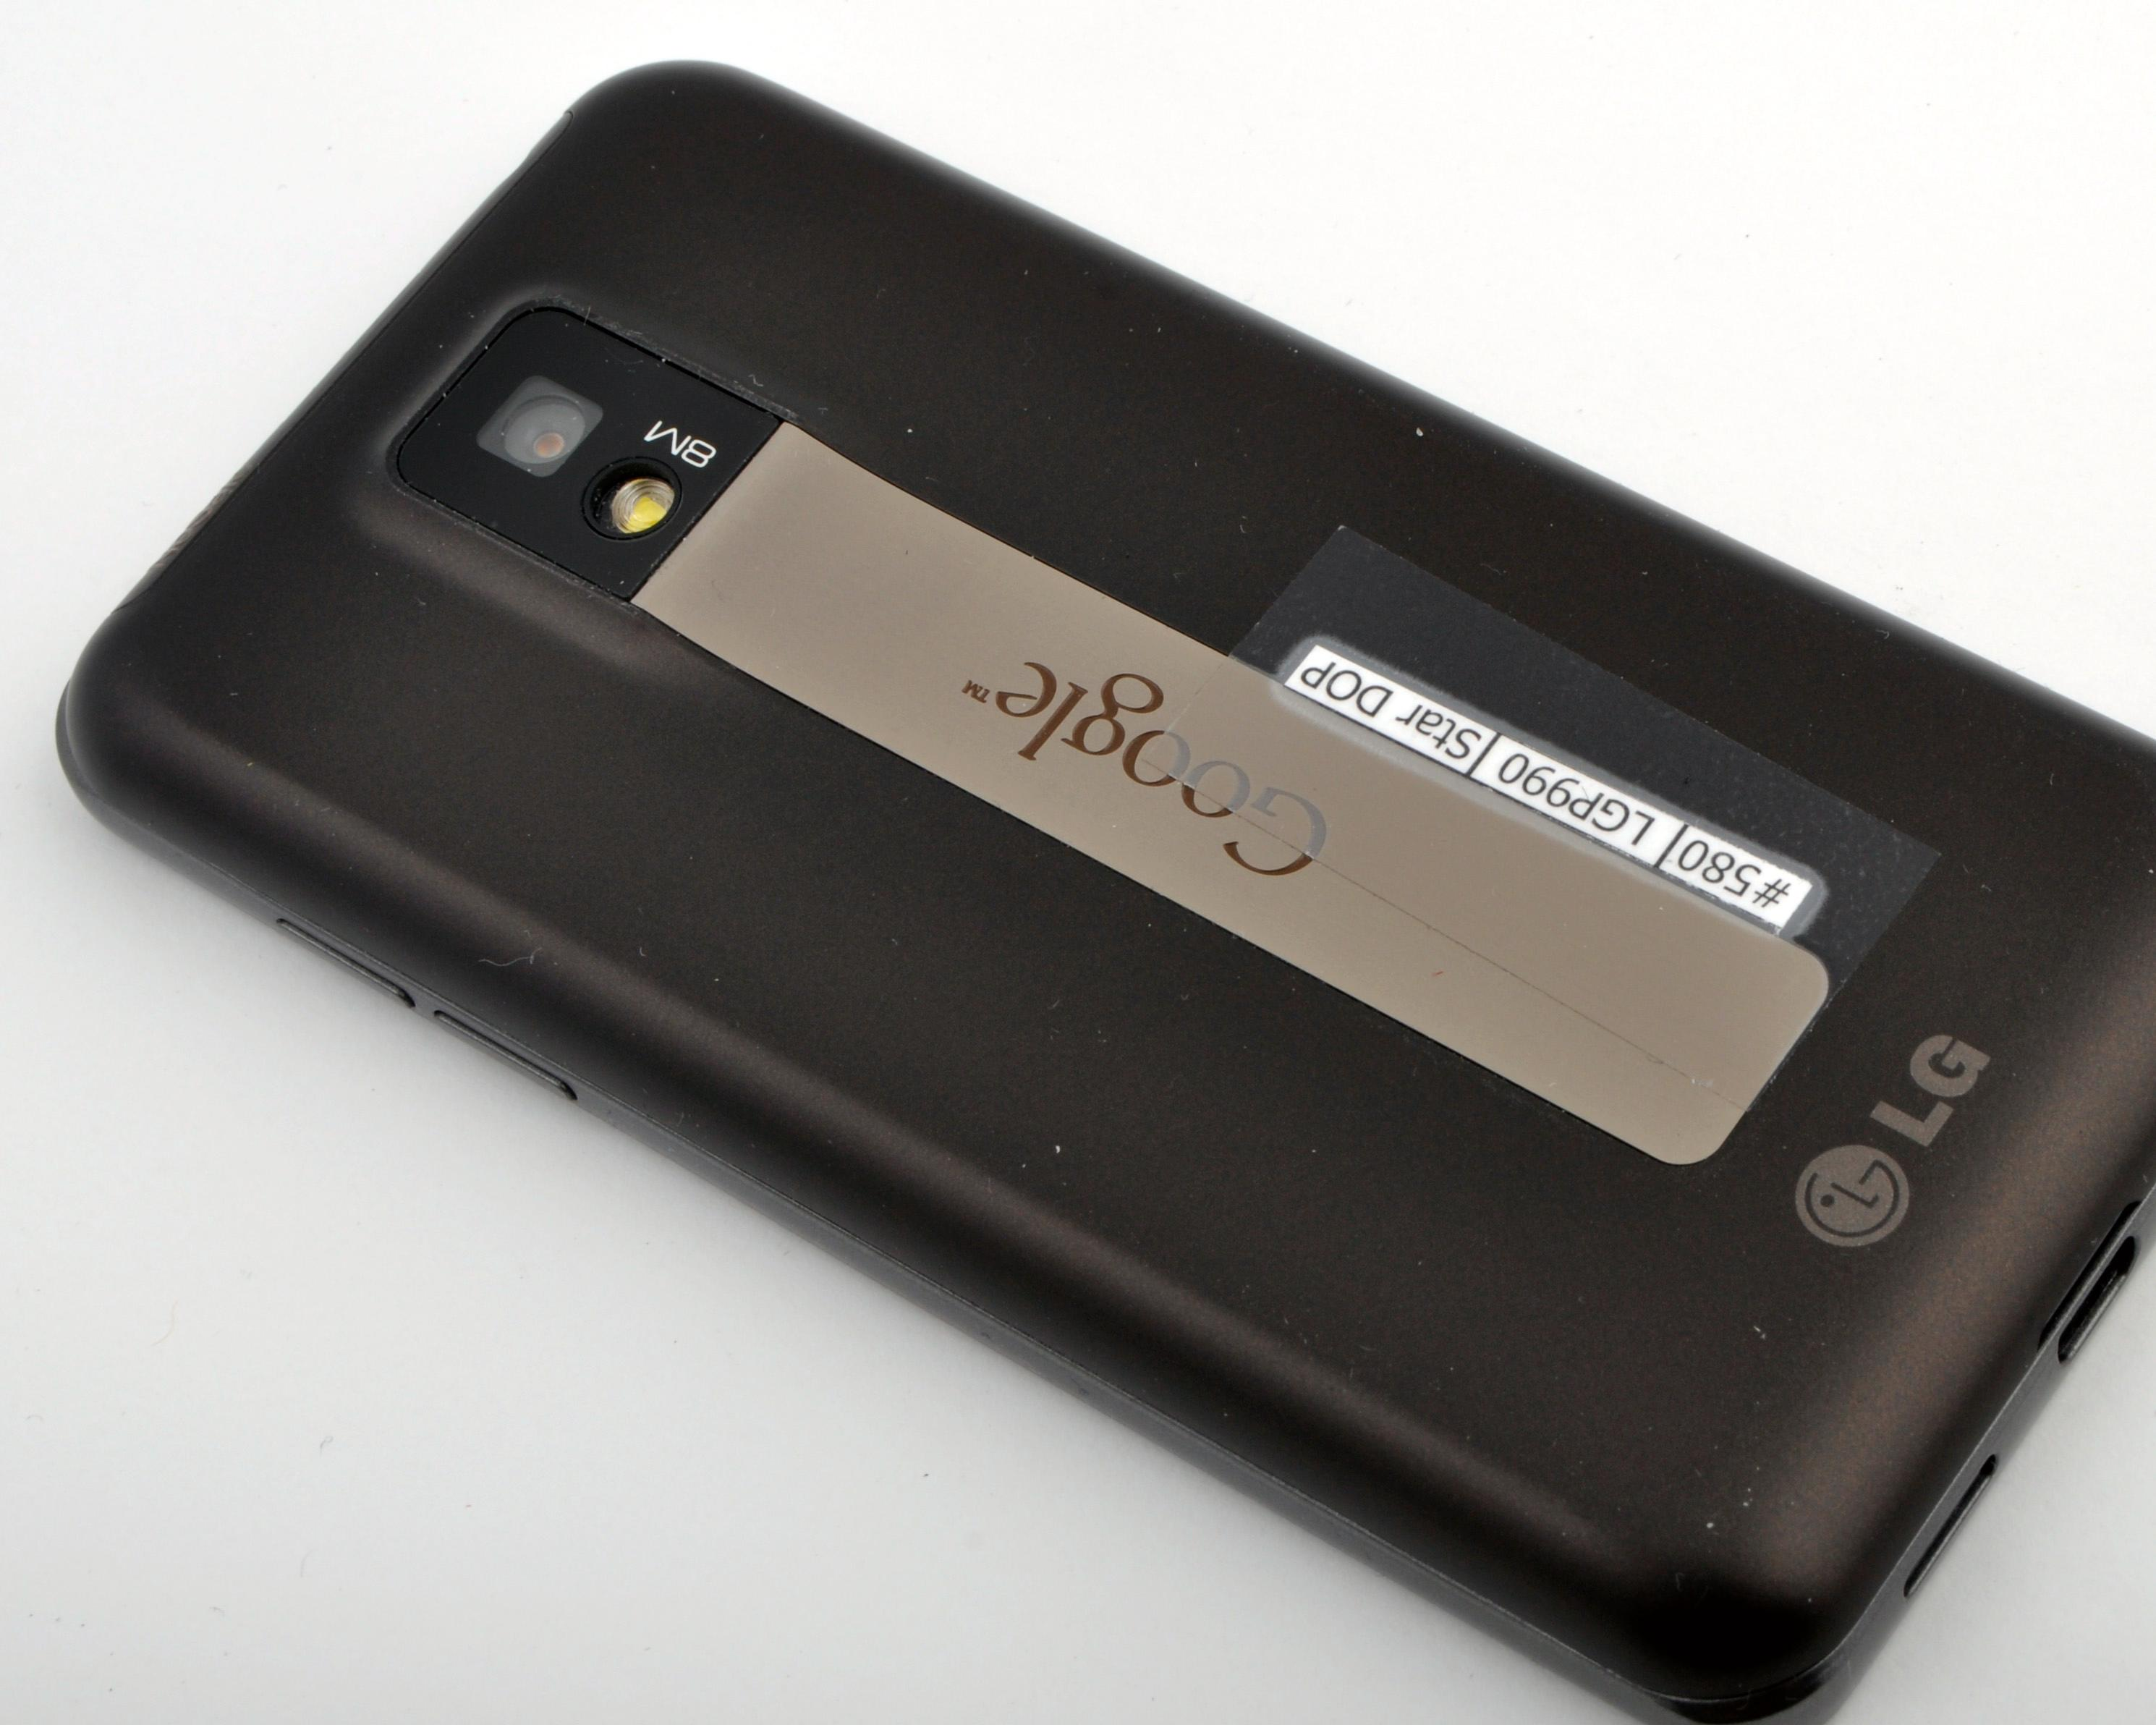 Kameraet tar stillbilder i 8 megapikslers oppløsning, og man kan også filme video i full HD-oppløsning.